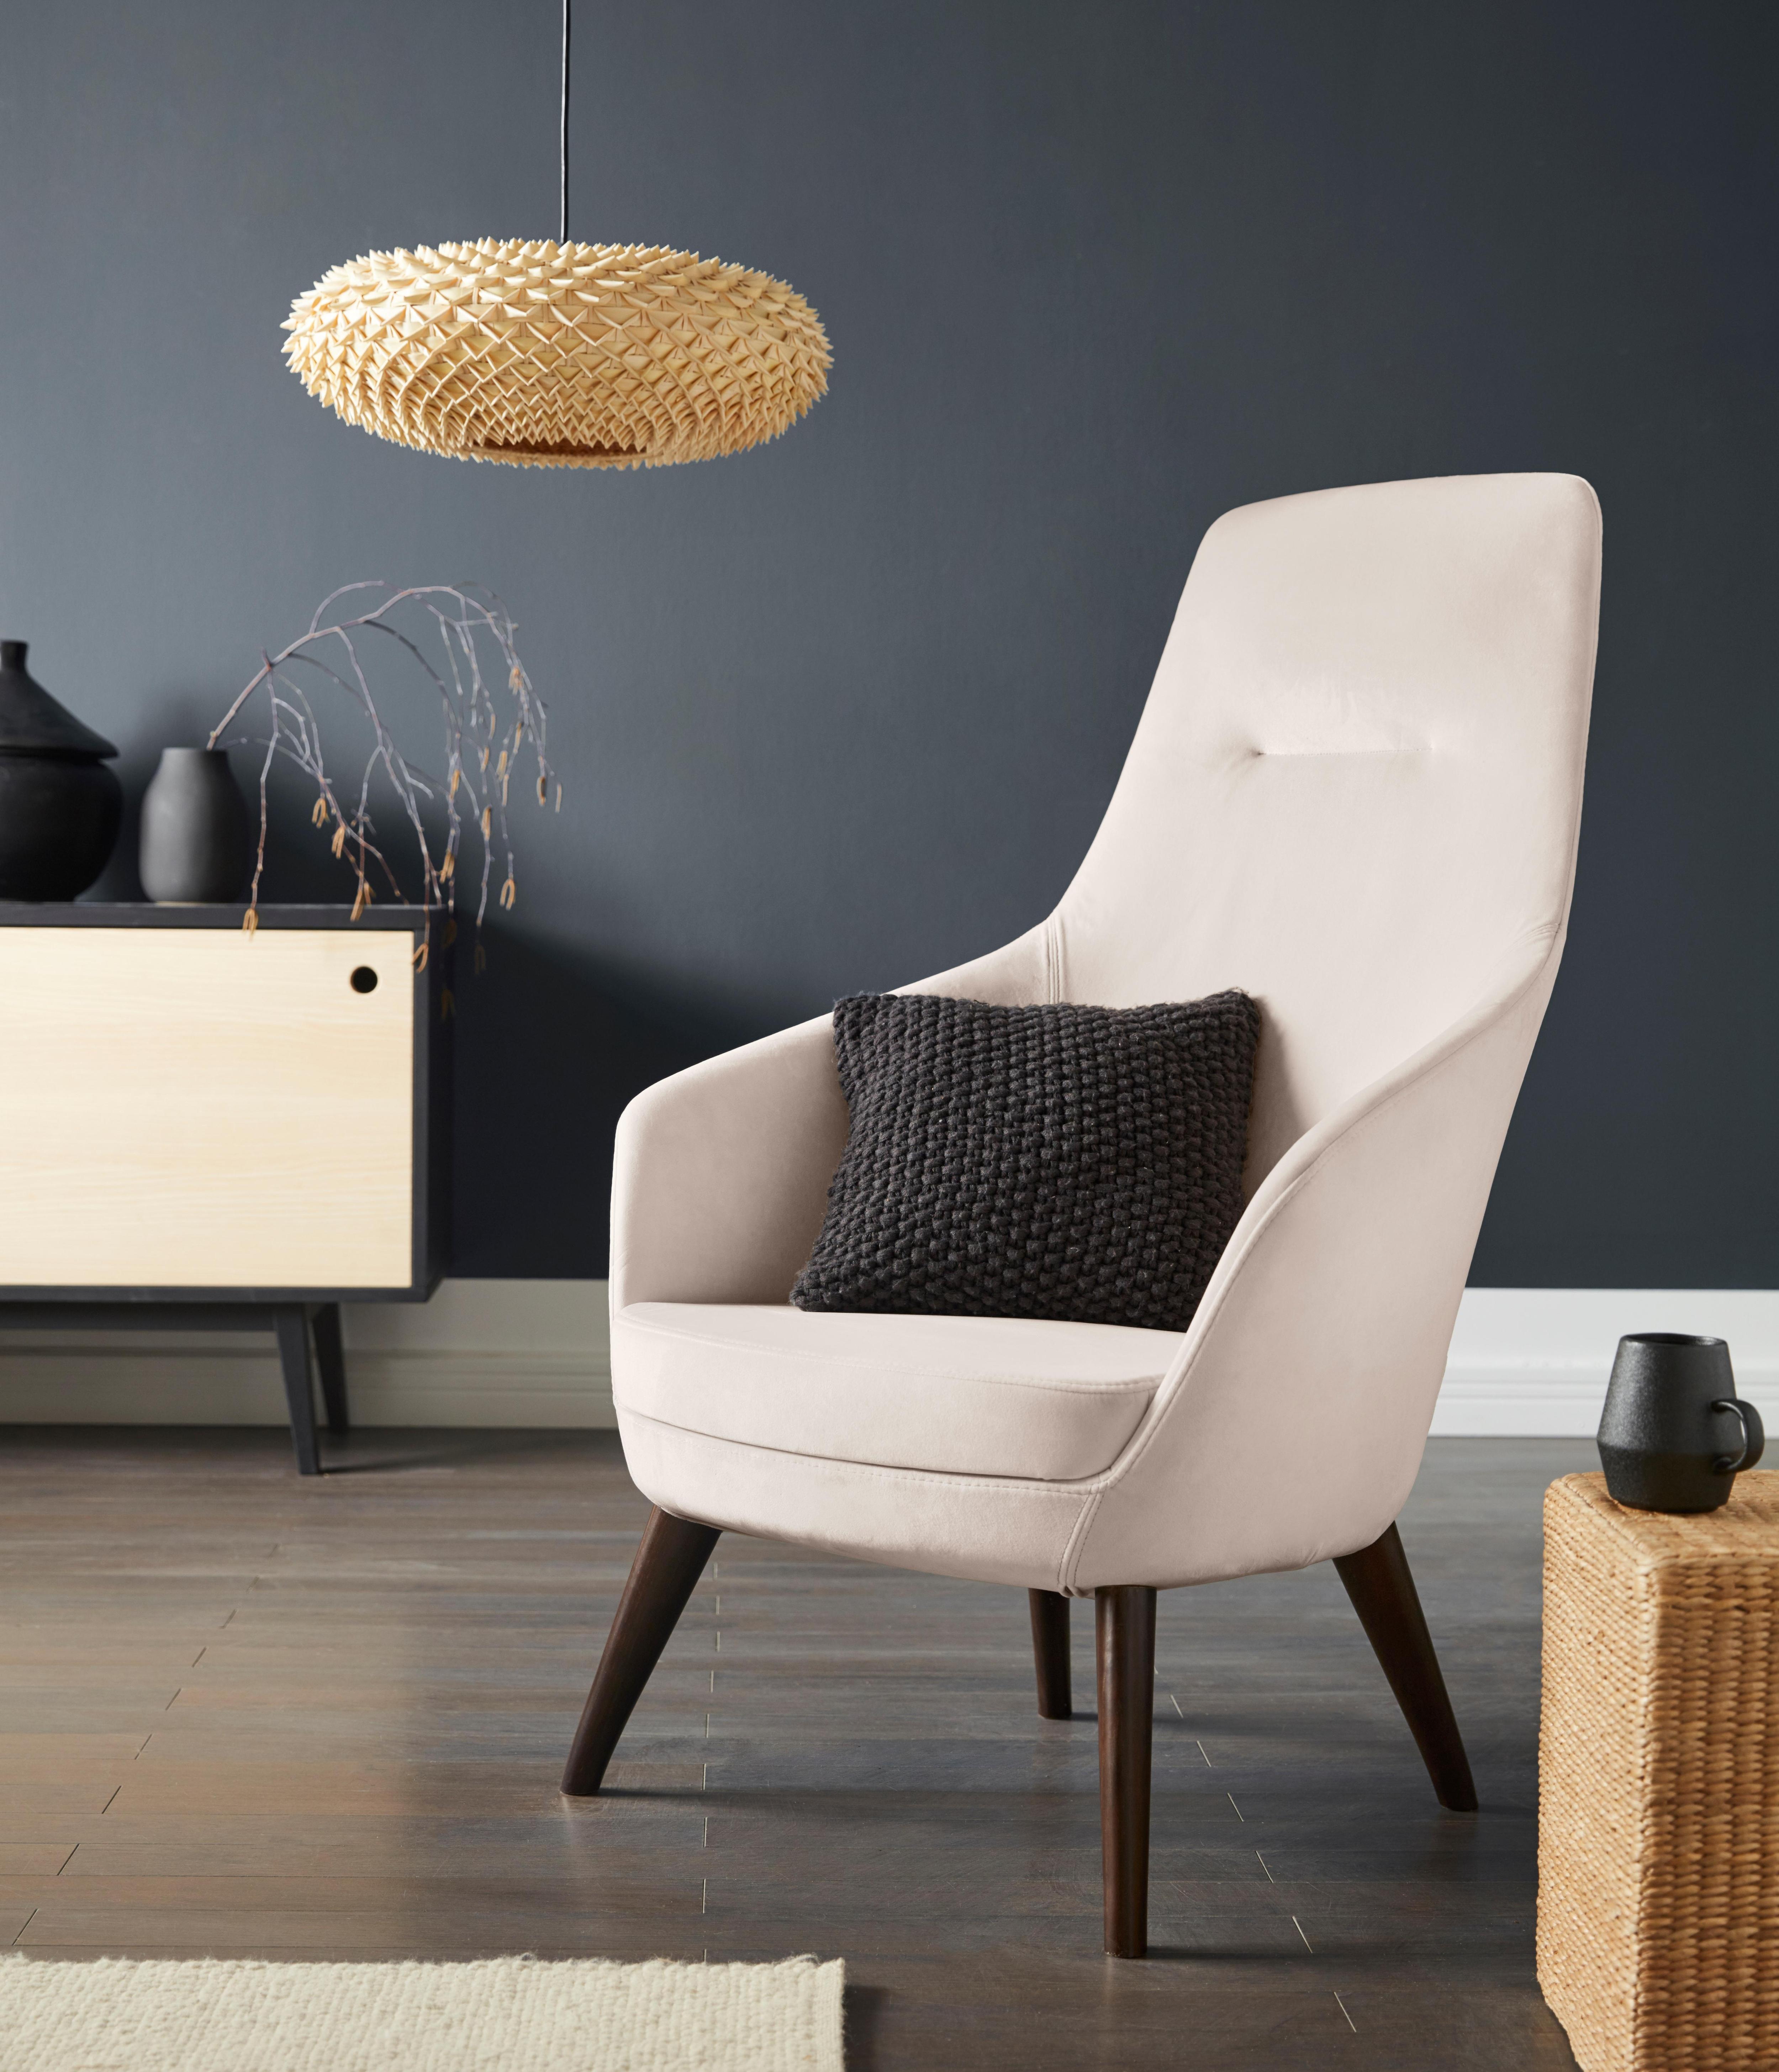 andas Sessel Rina mit Füßen aus massiver Esche natur-oder wallnussfarben lackiert